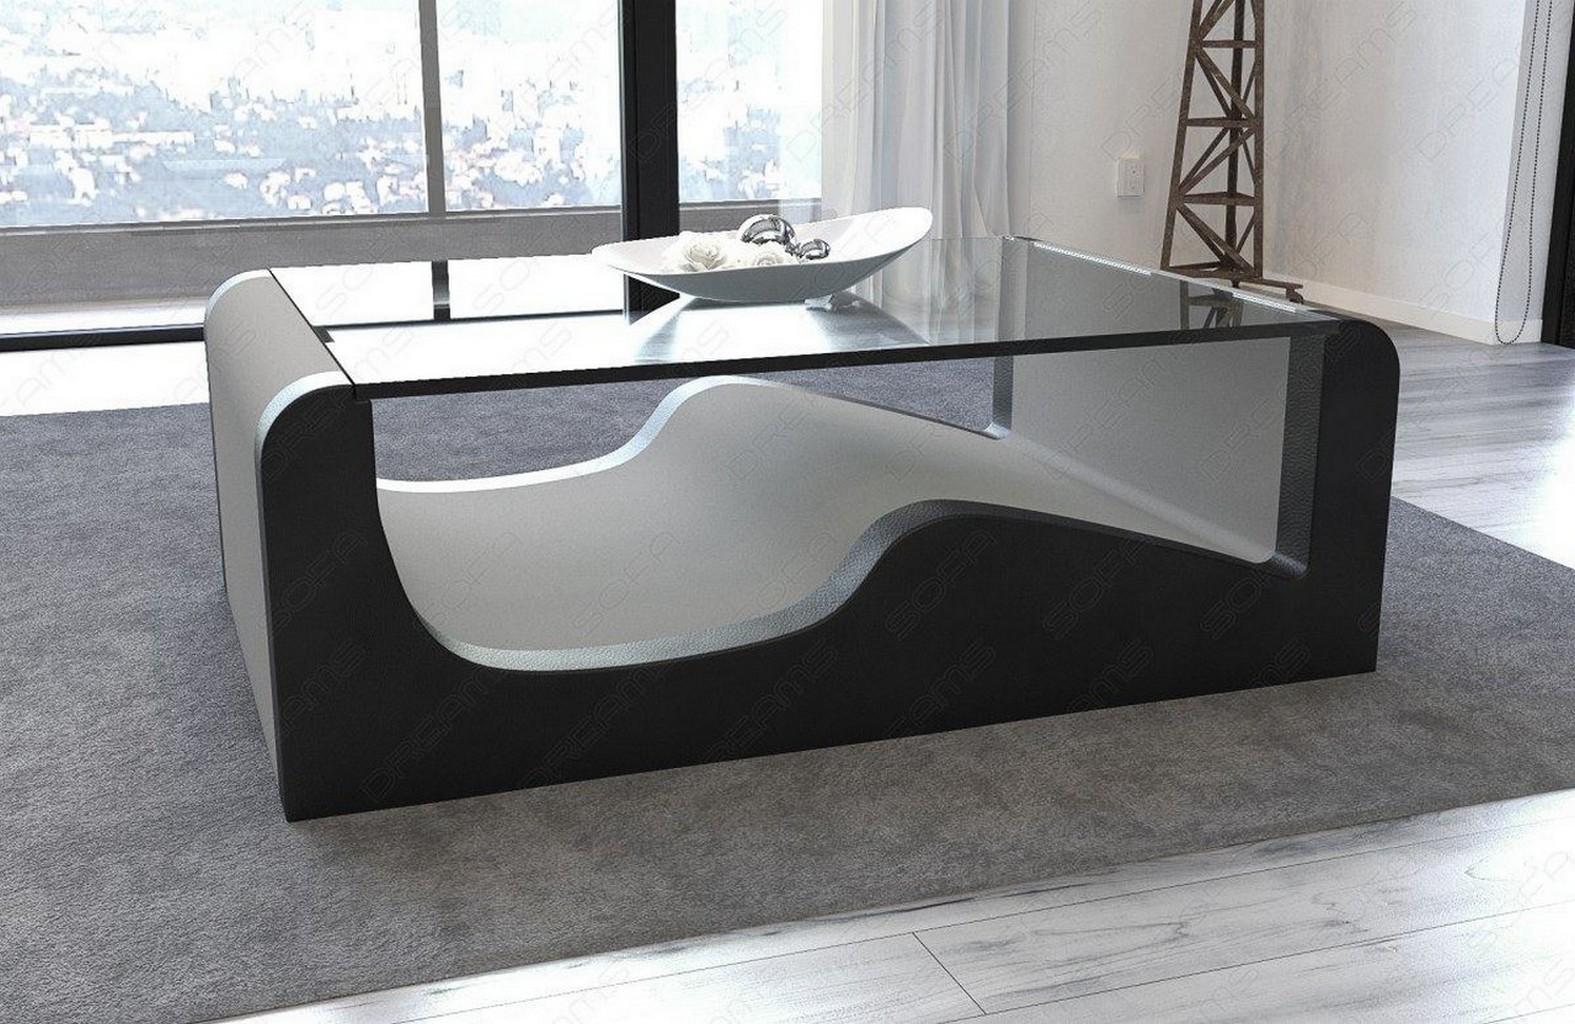 Couchtisch beistelltisch stoff wave mit glasplatte for Designer couchtisch glasplatte